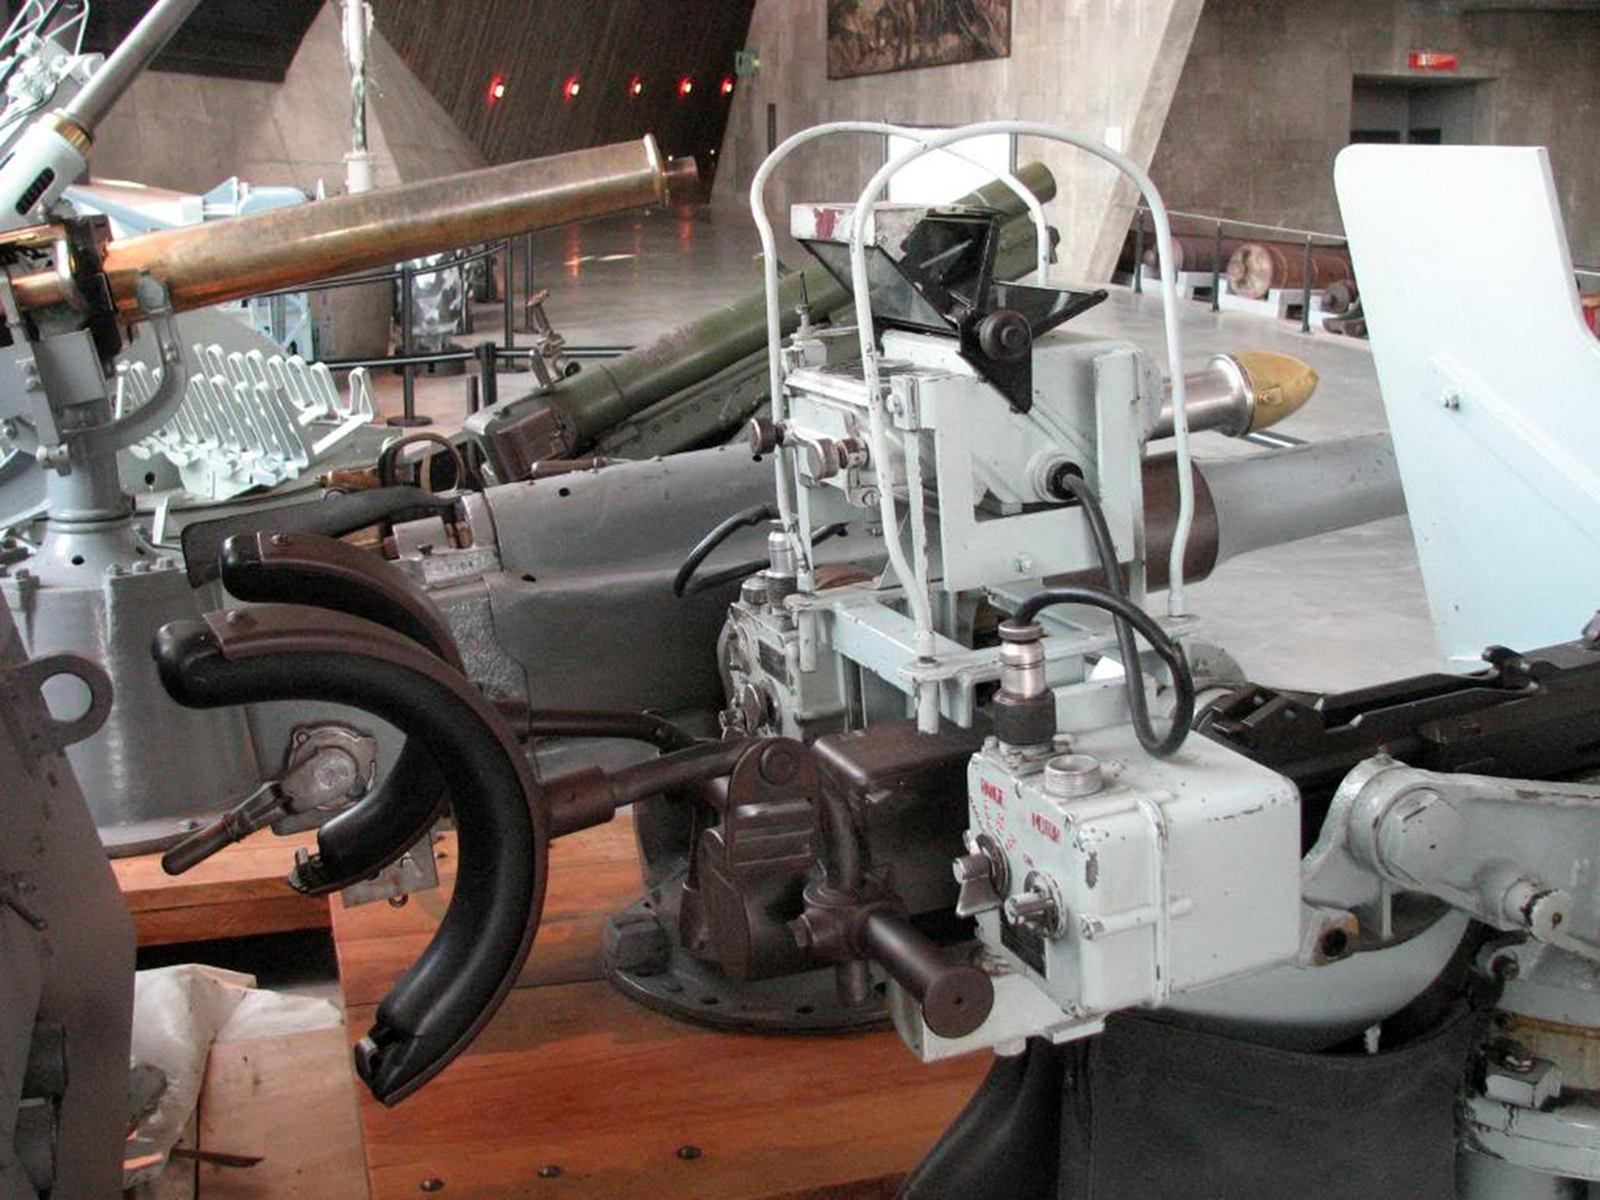 20mm Anti-Aircraft Gun (10)